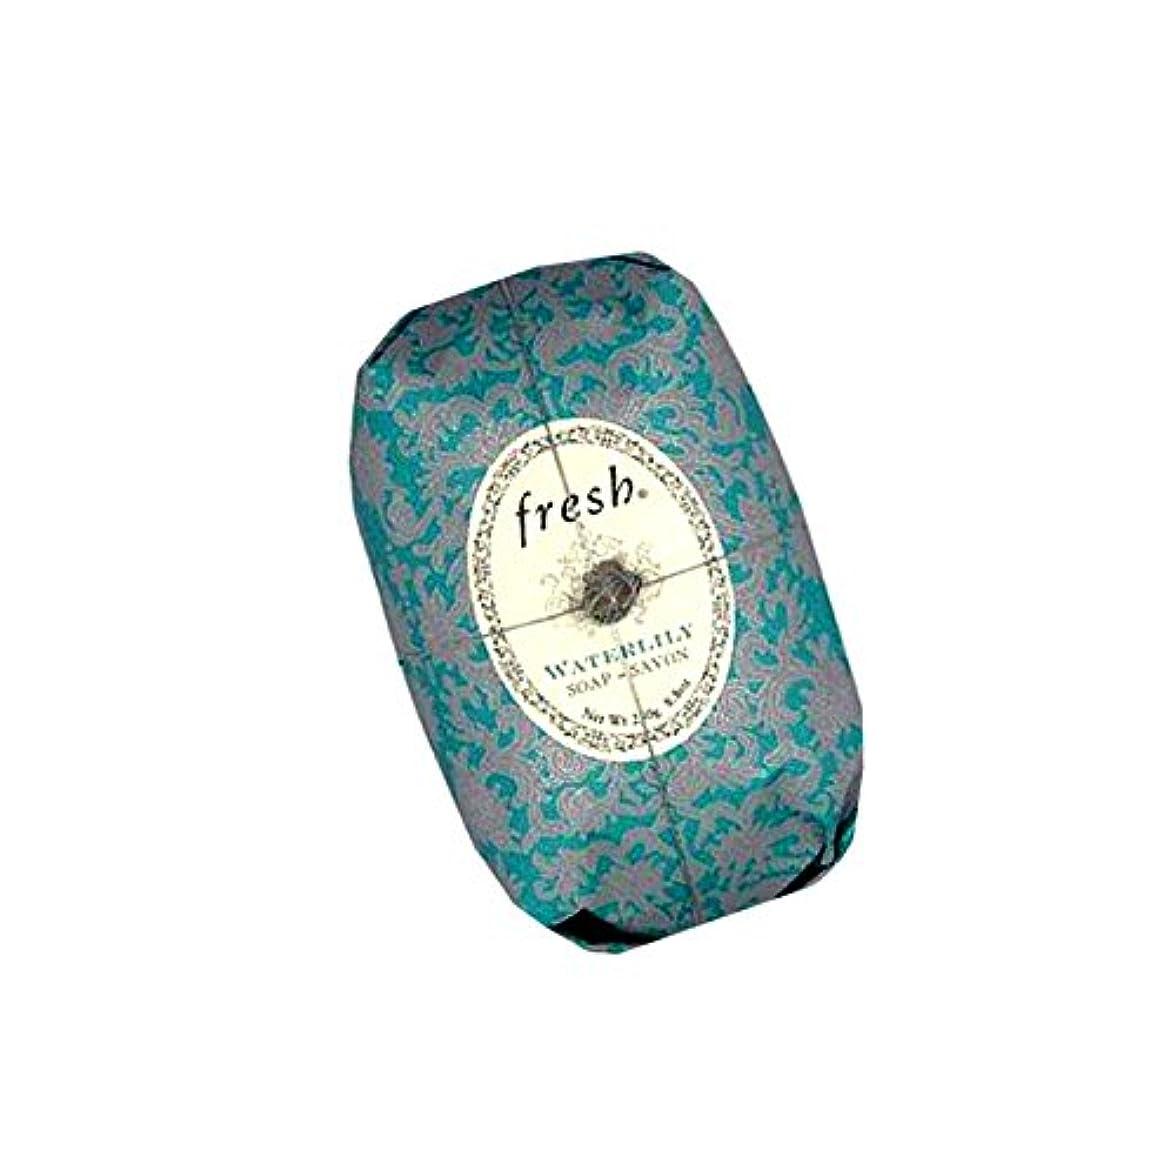 鳥ラバ配偶者Fresh フレッシュ Waterlily Soap 石鹸, 250g/8.8oz. [海外直送品] [並行輸入品]